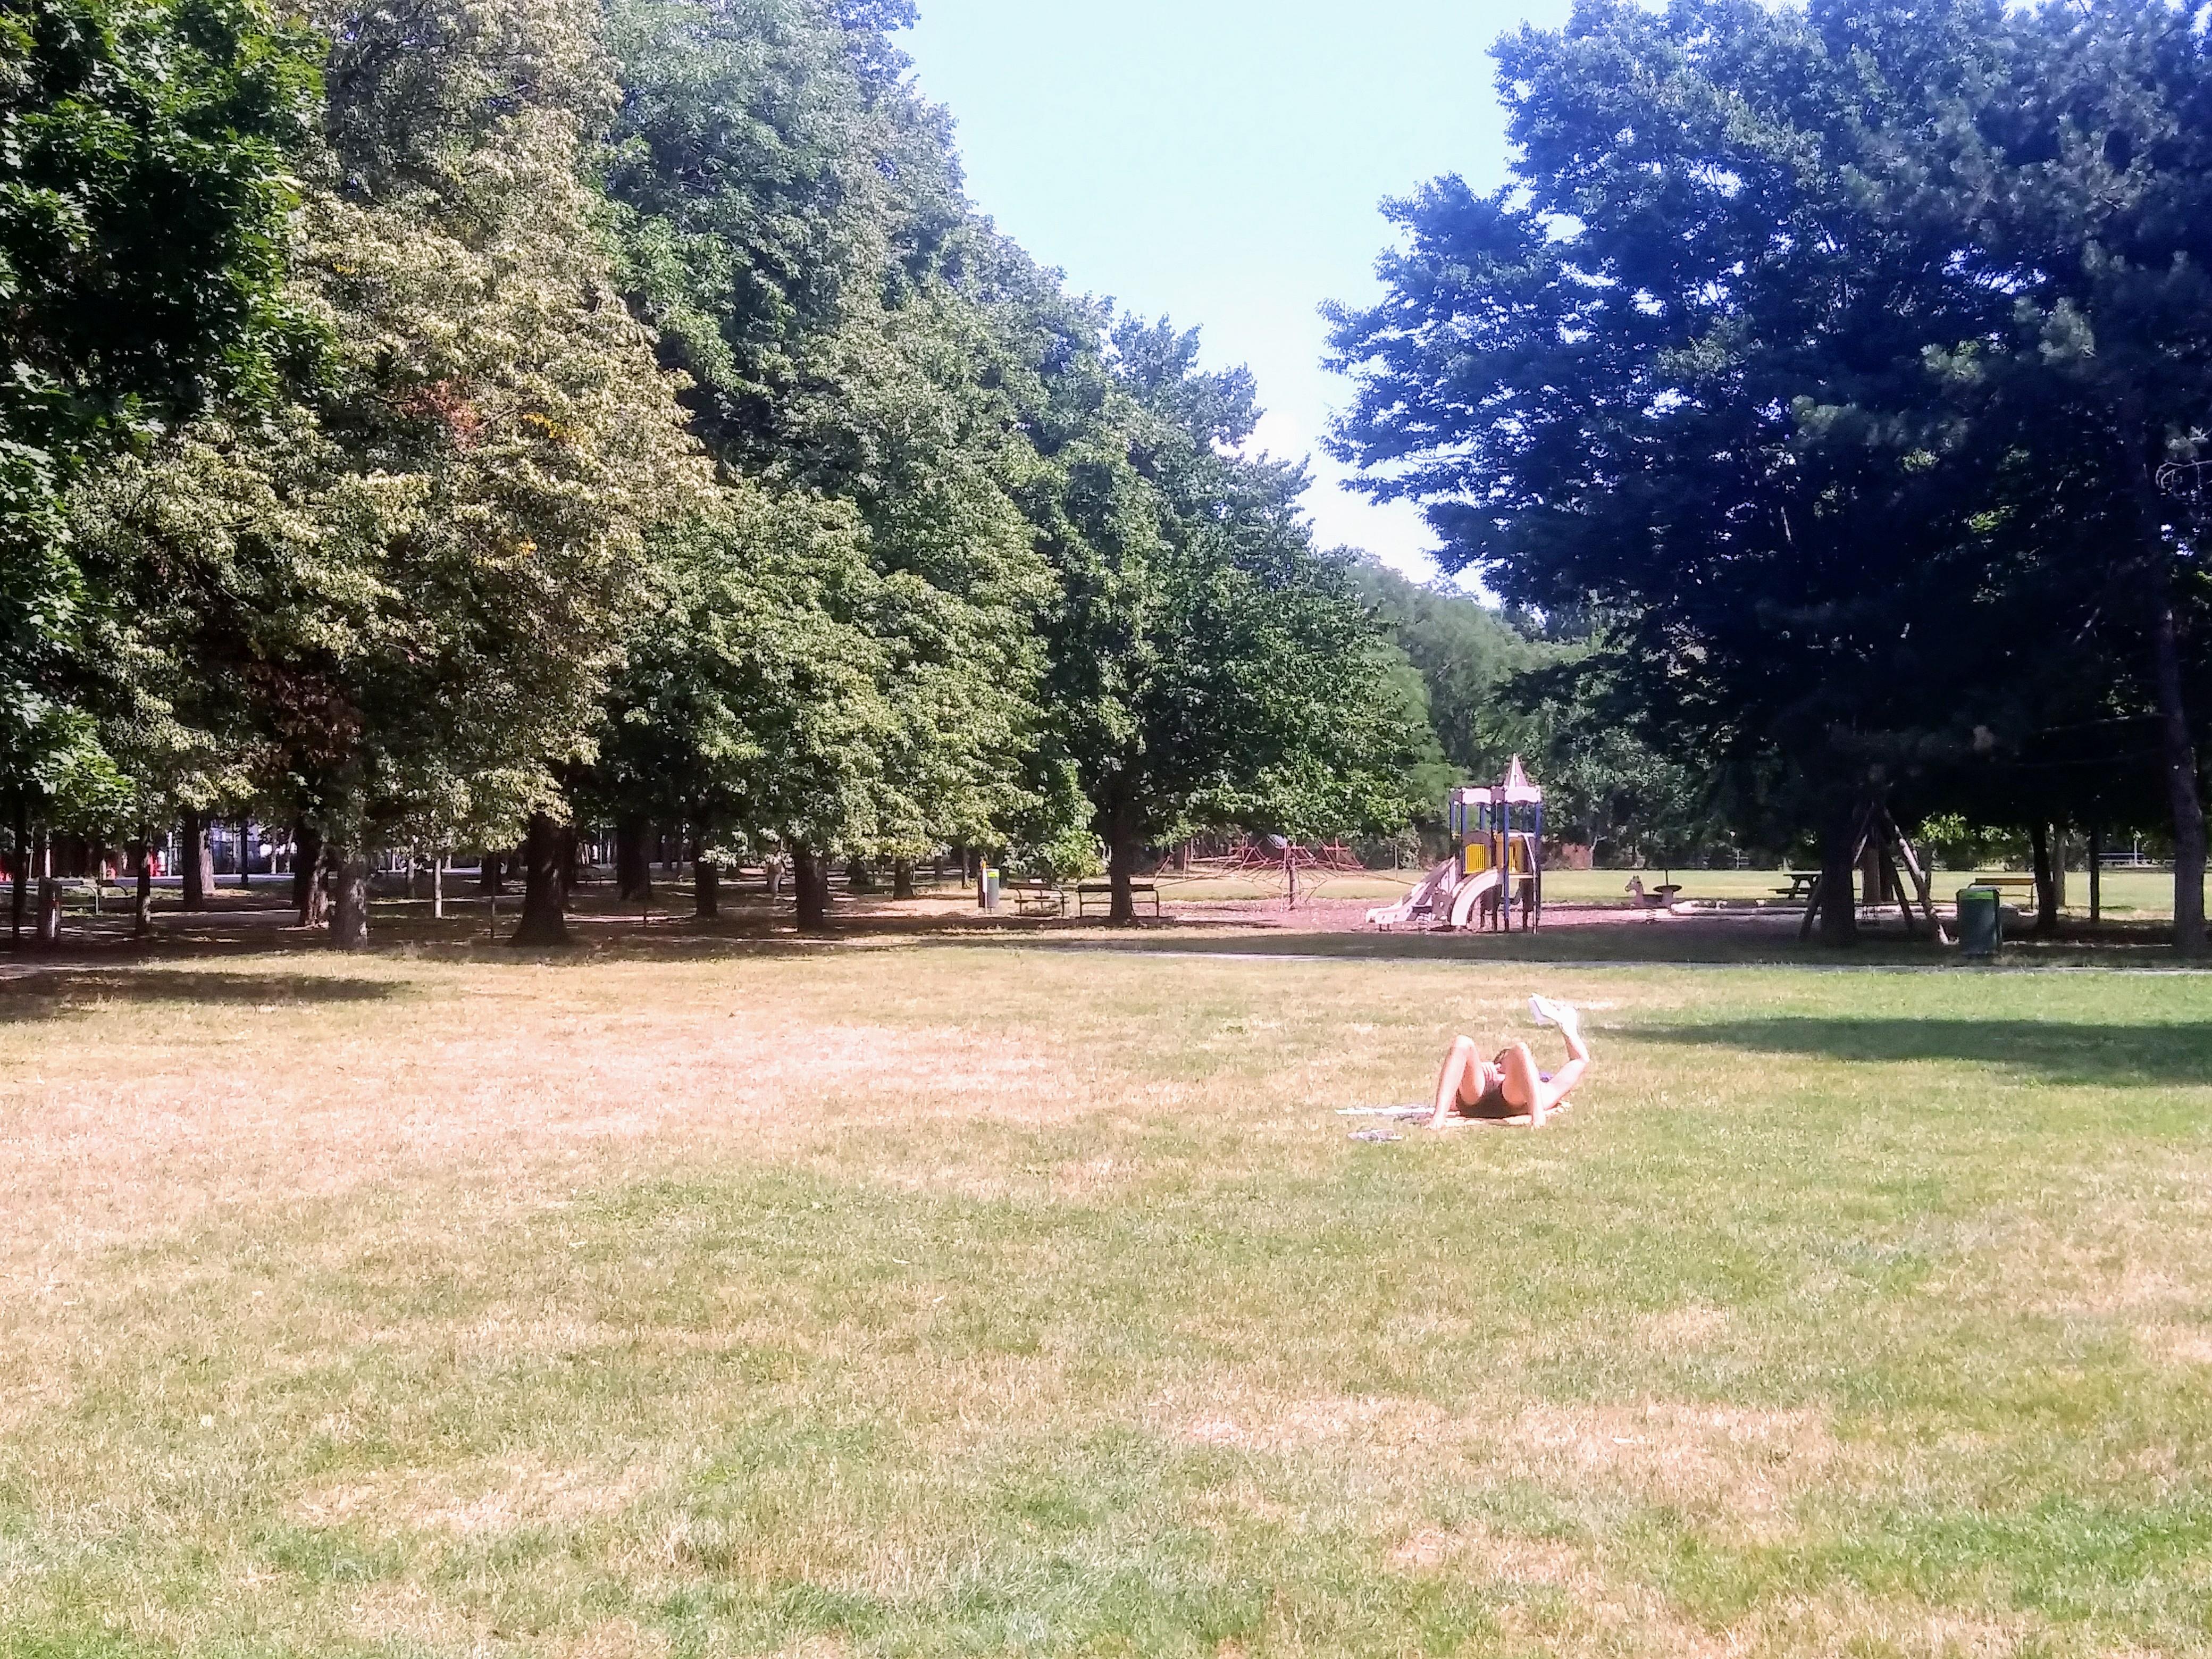 b Picknick, Frisbeespielen oder einfach nur mit einem guten Buch in der Sonne liegen – hier findet sich jeder sein Plätzchen.